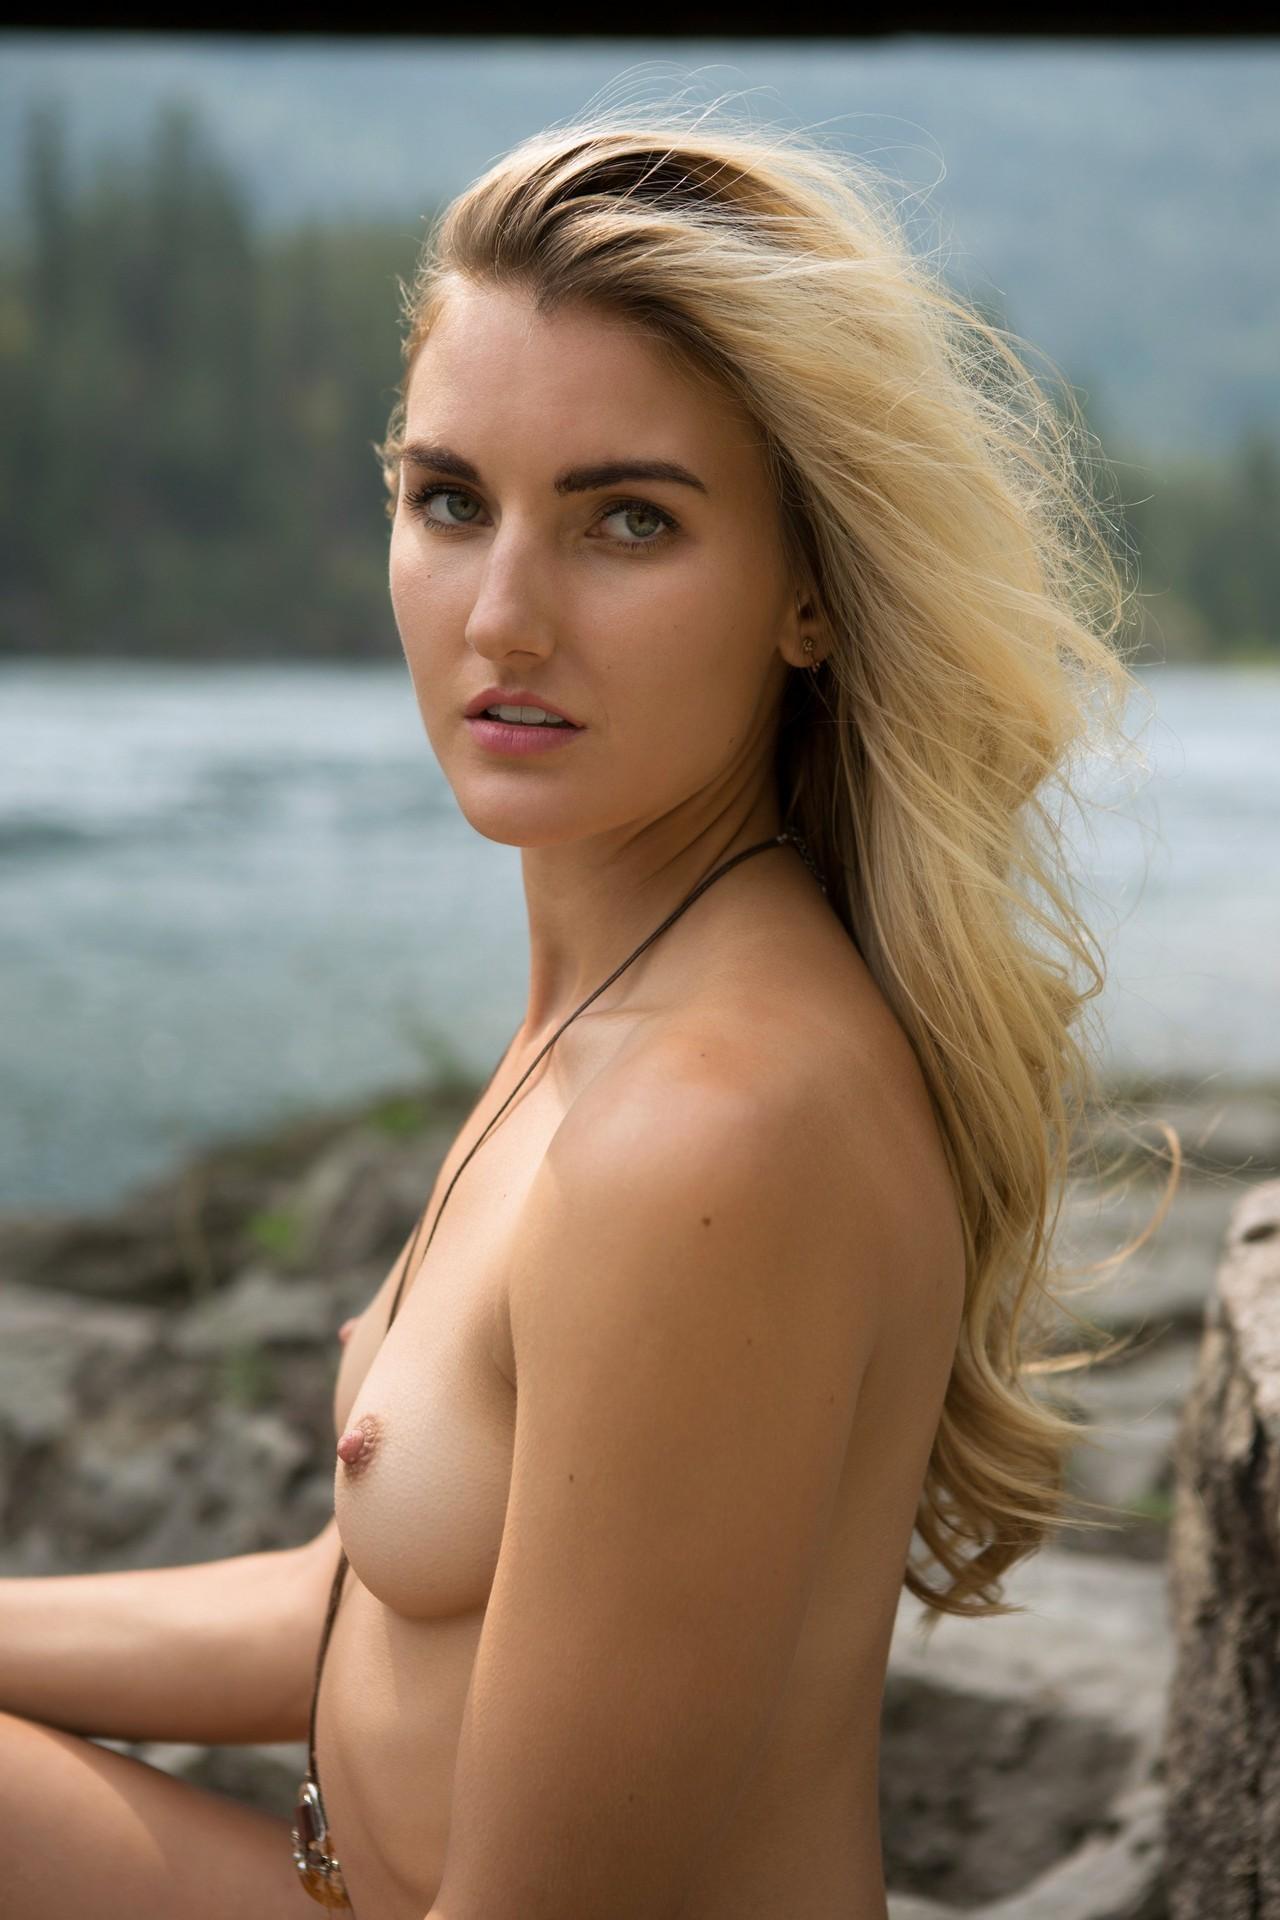 Anna Katerina